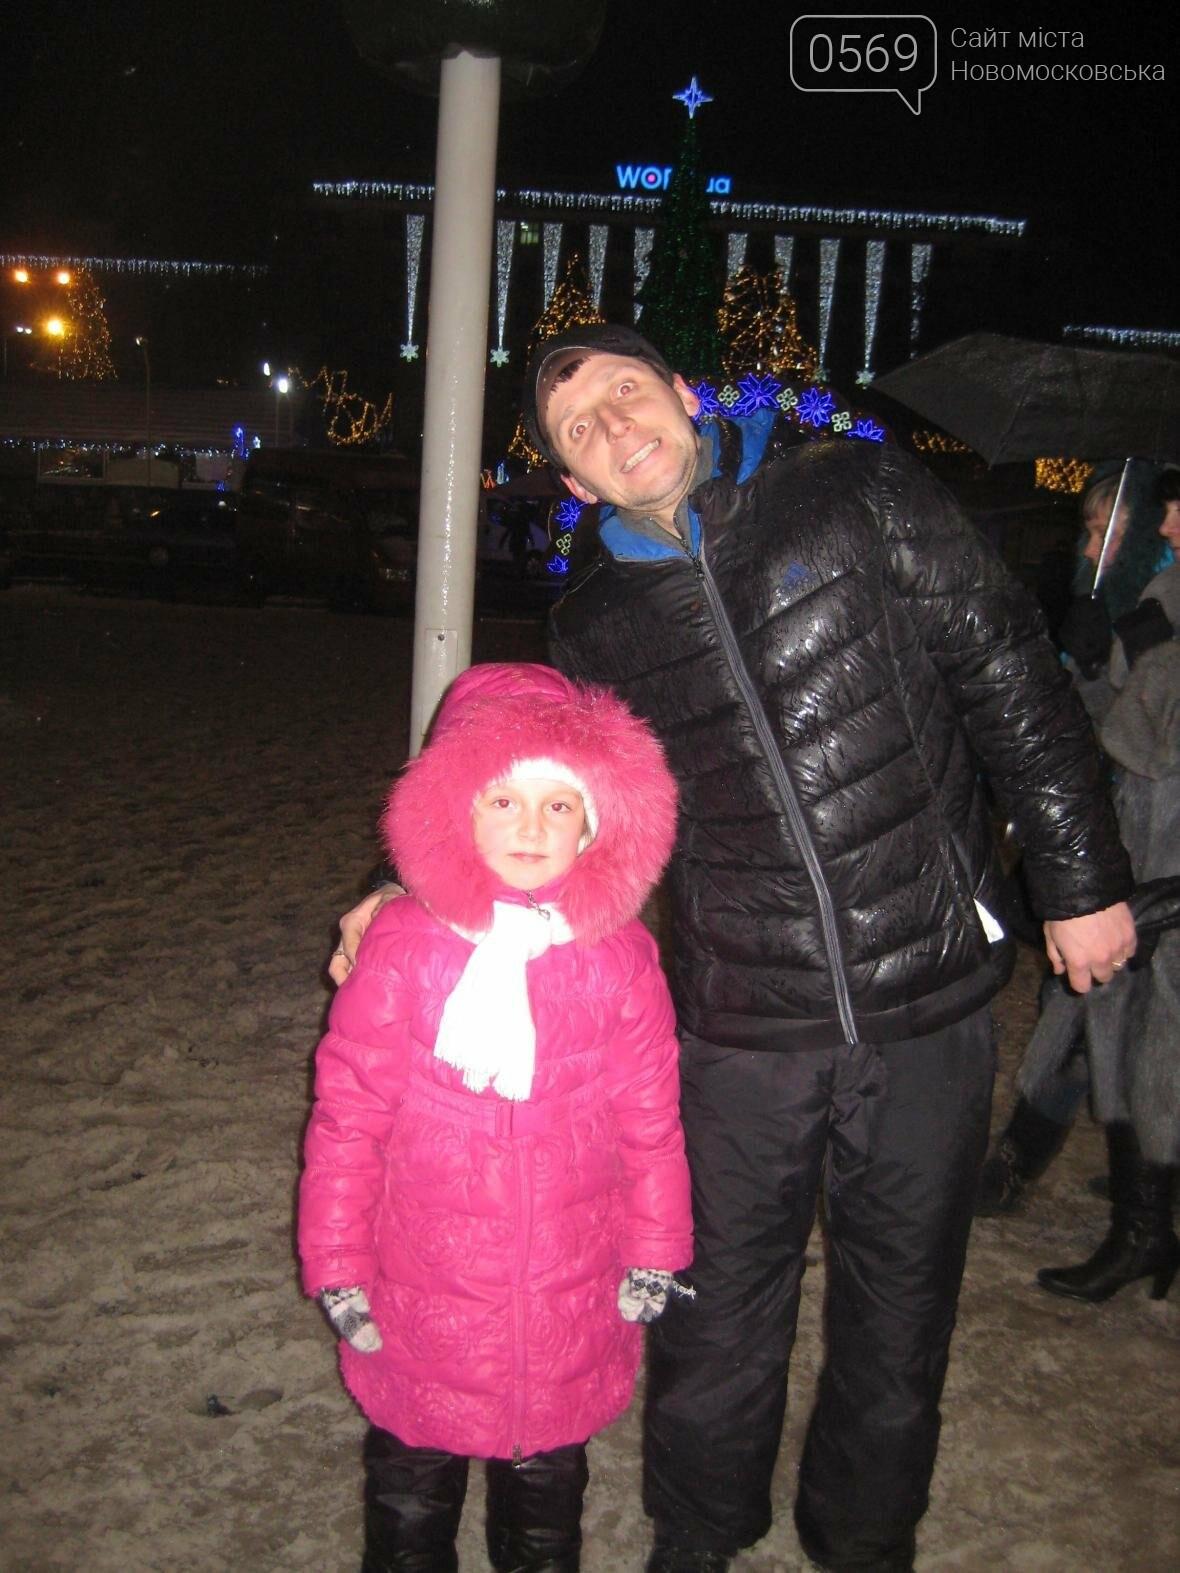 Новомосковск: заплатить за жизнь или заплатить жизнью, фото-4